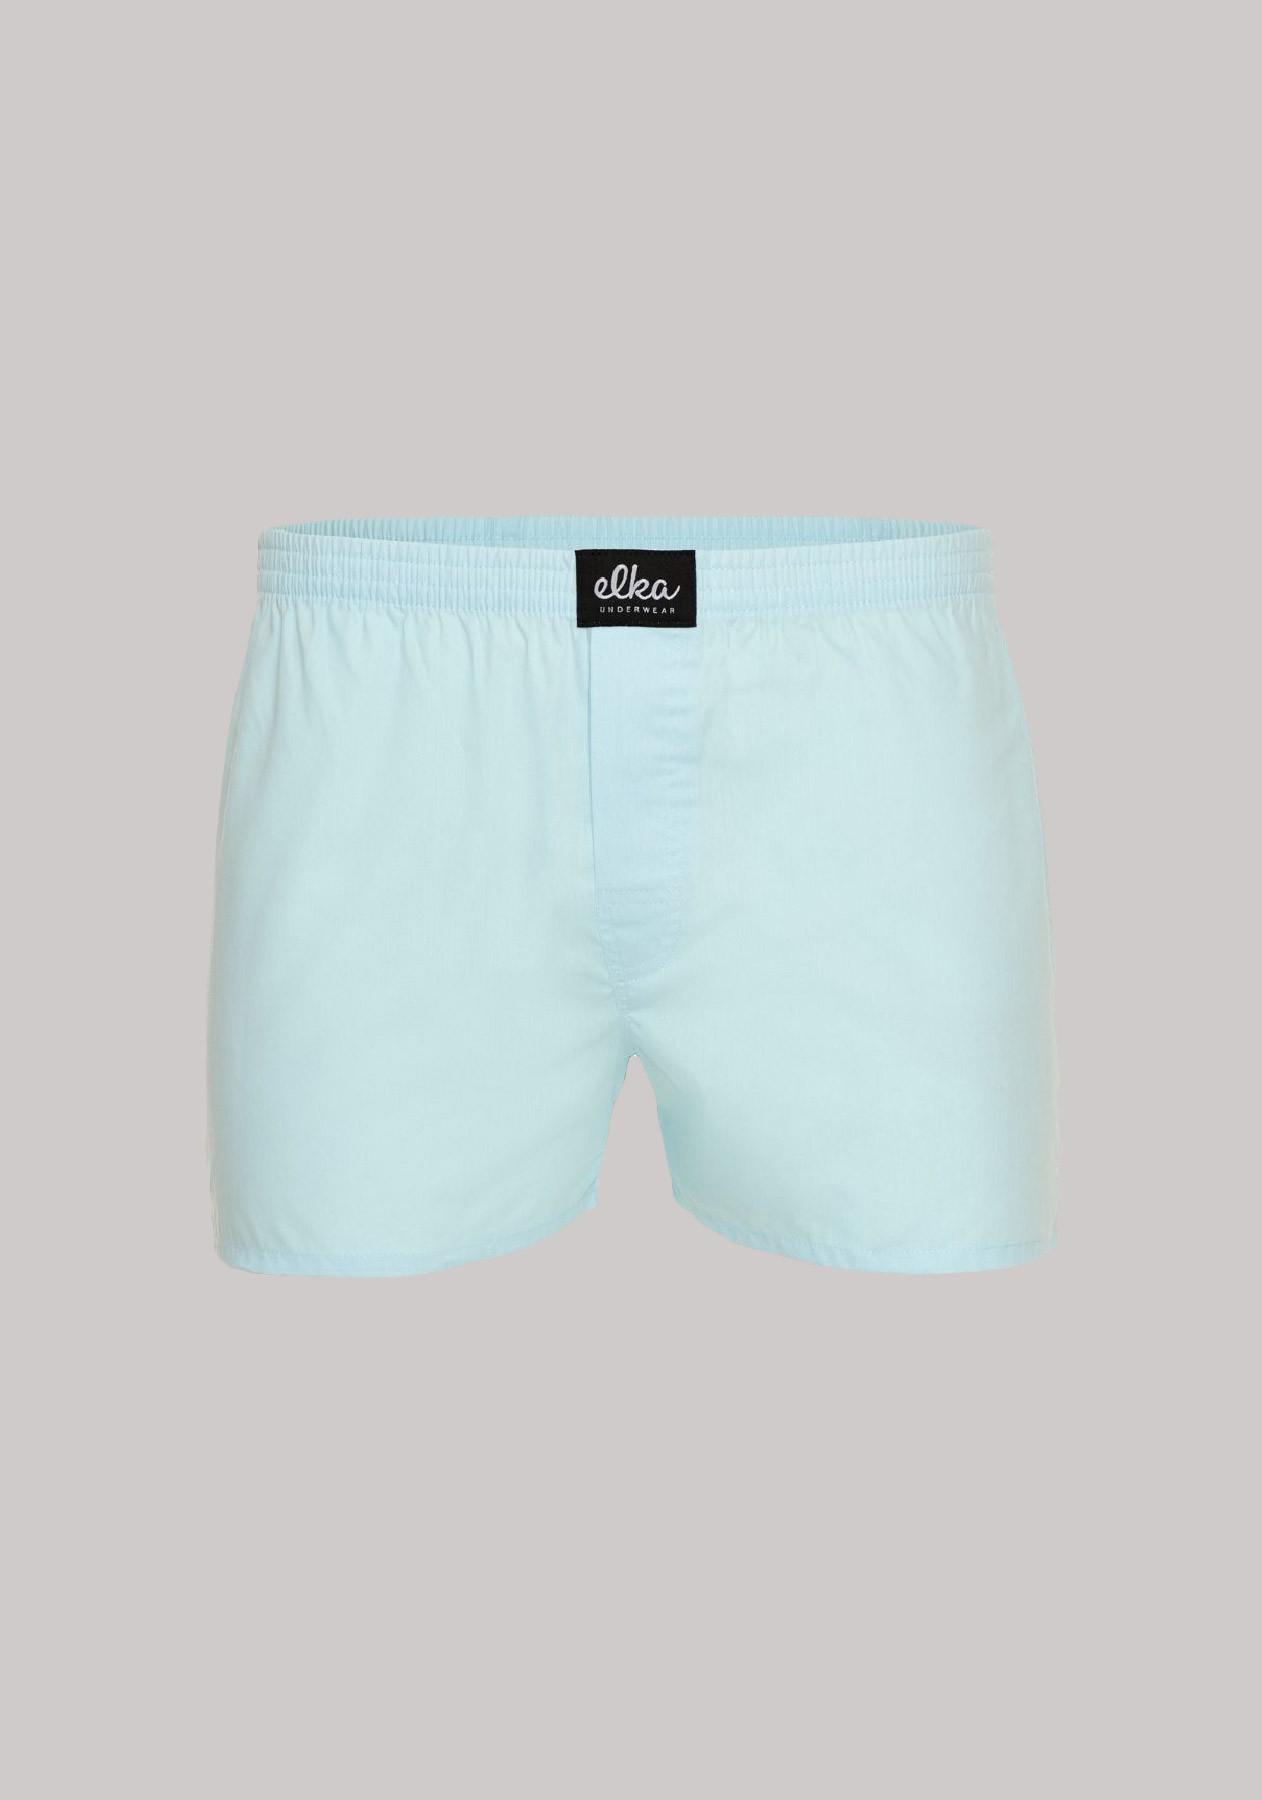 Men-boxershorts-ELKA-Lounge-P0044